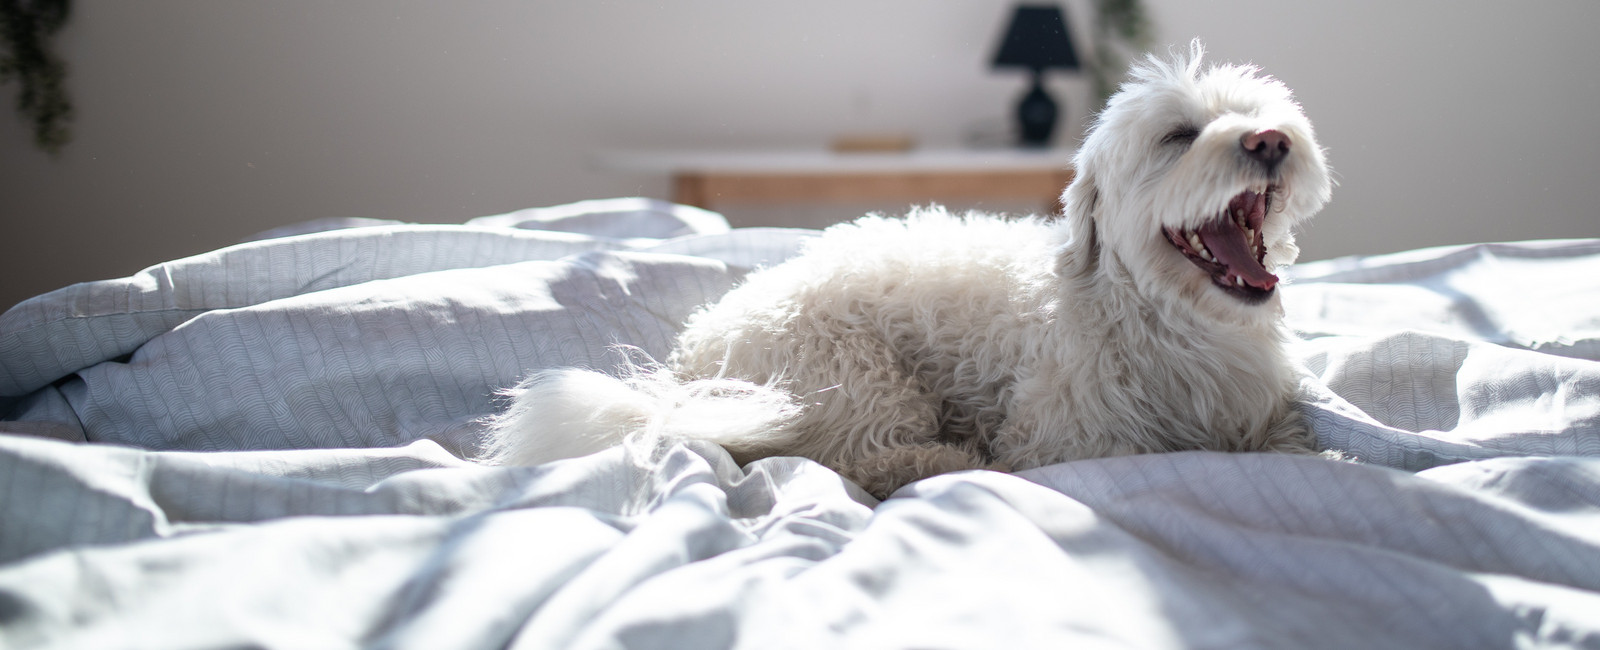 Allergiefreie hunderassen